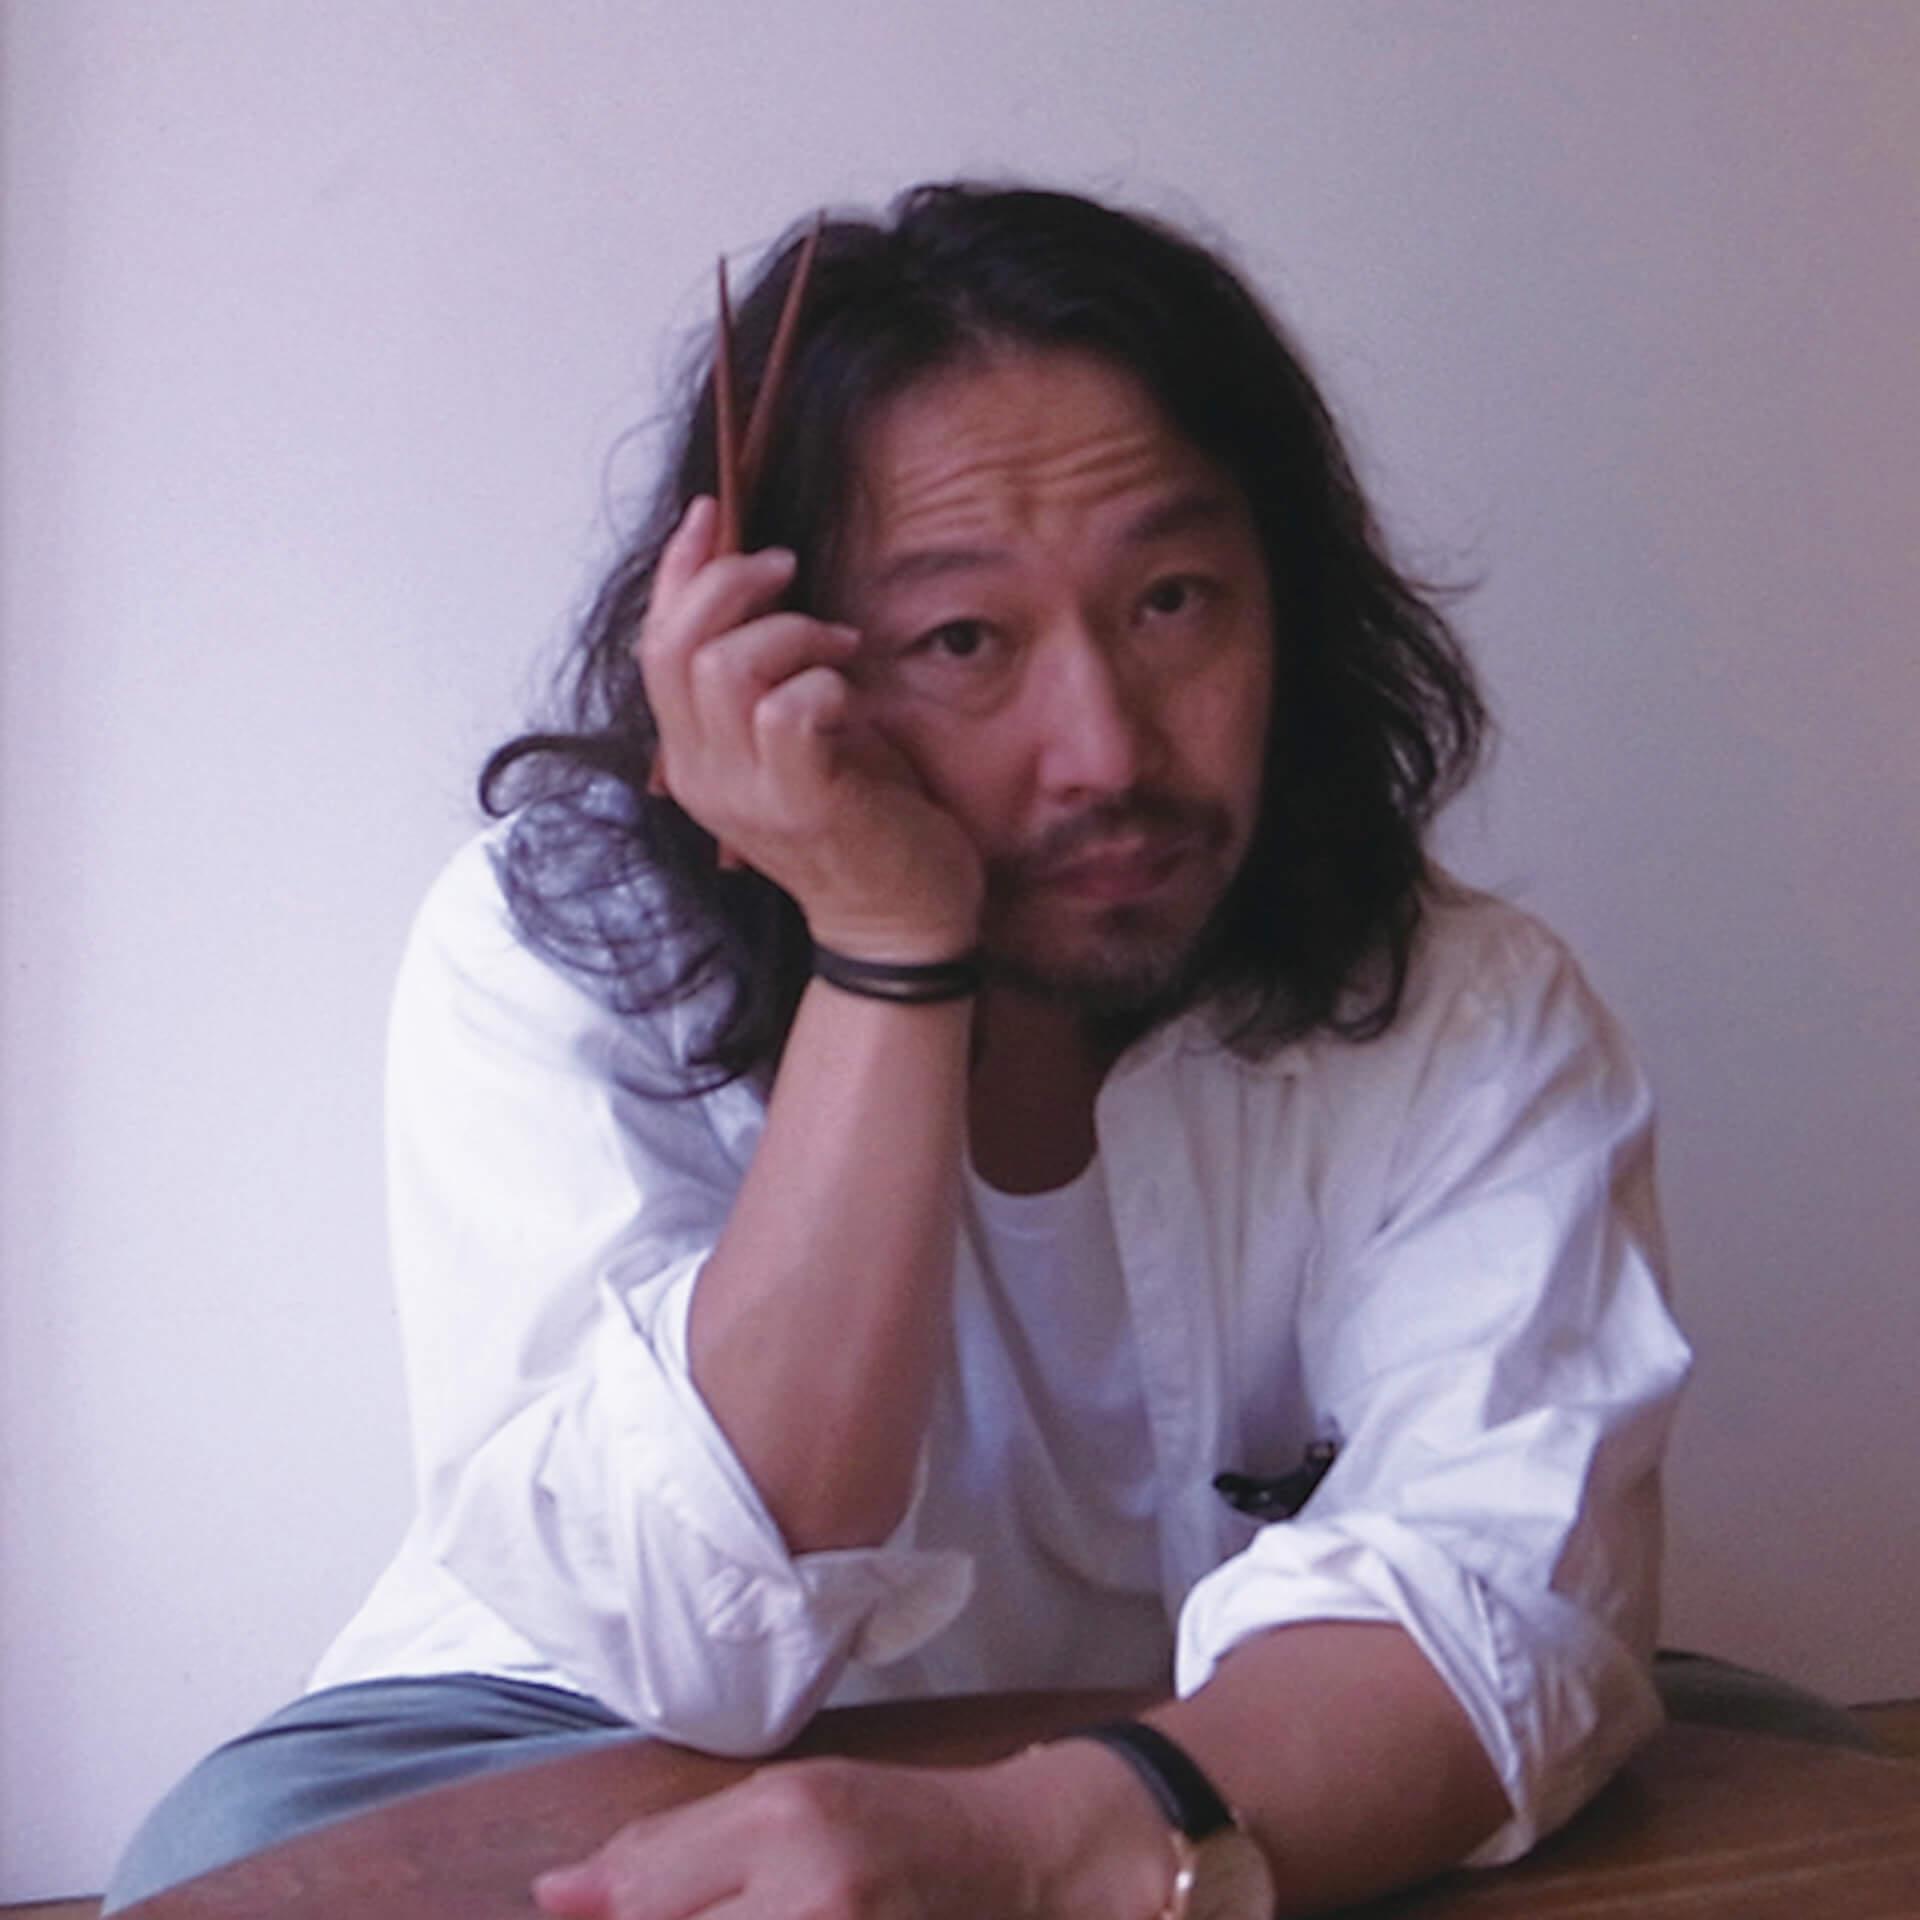 小林勝行、曽我部恵一、鬼の3マン<詩情の人>振替公演が7月14日に開催決定 music200401-shijounohito-4